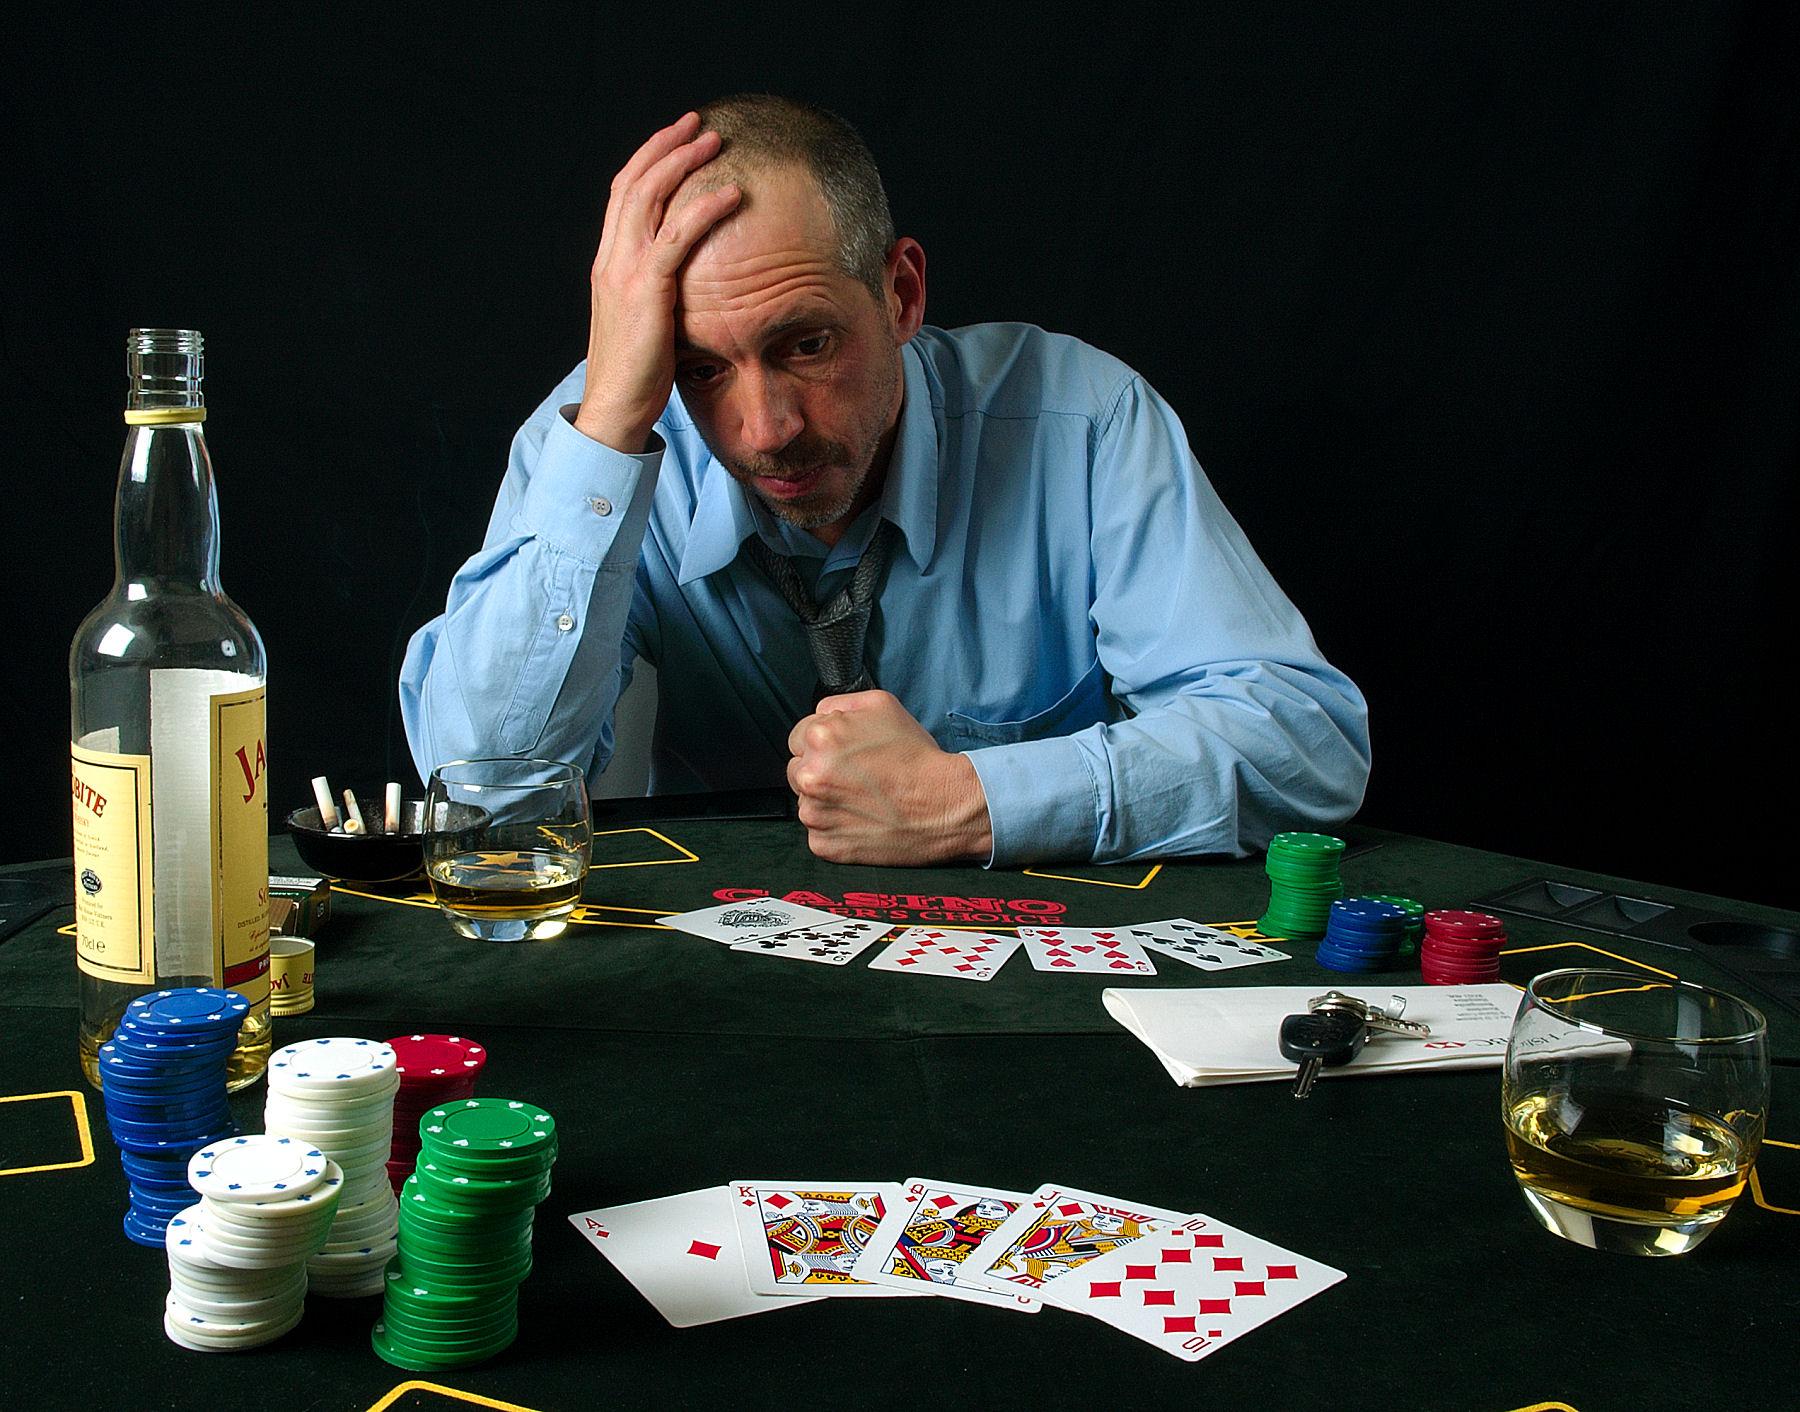 Лудомания. признаки, развитие игровой зависимости. избавление от лудомании